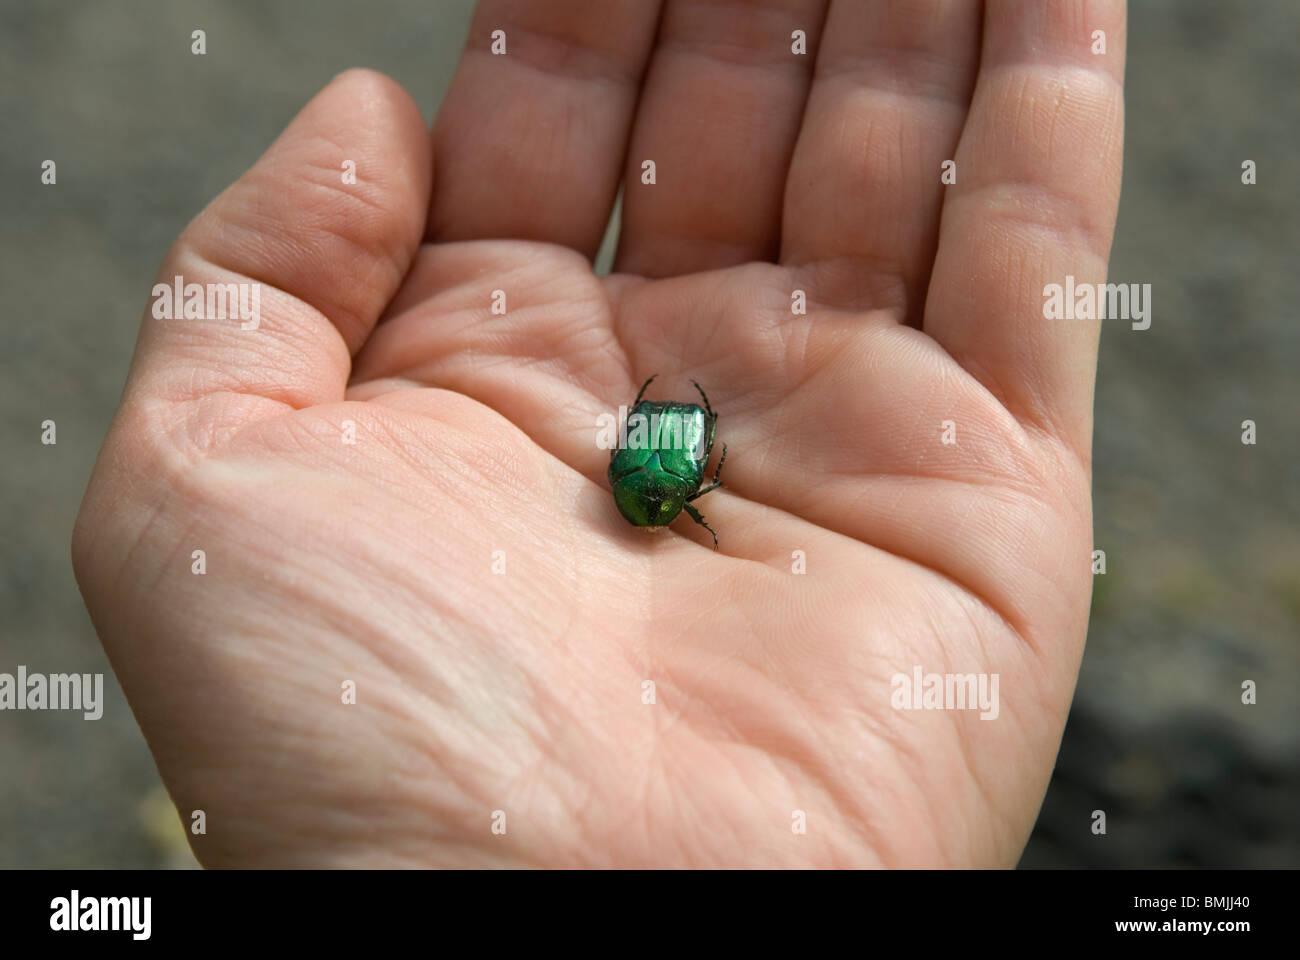 La mano humana la celebración de escarabajo, cerca Imagen De Stock